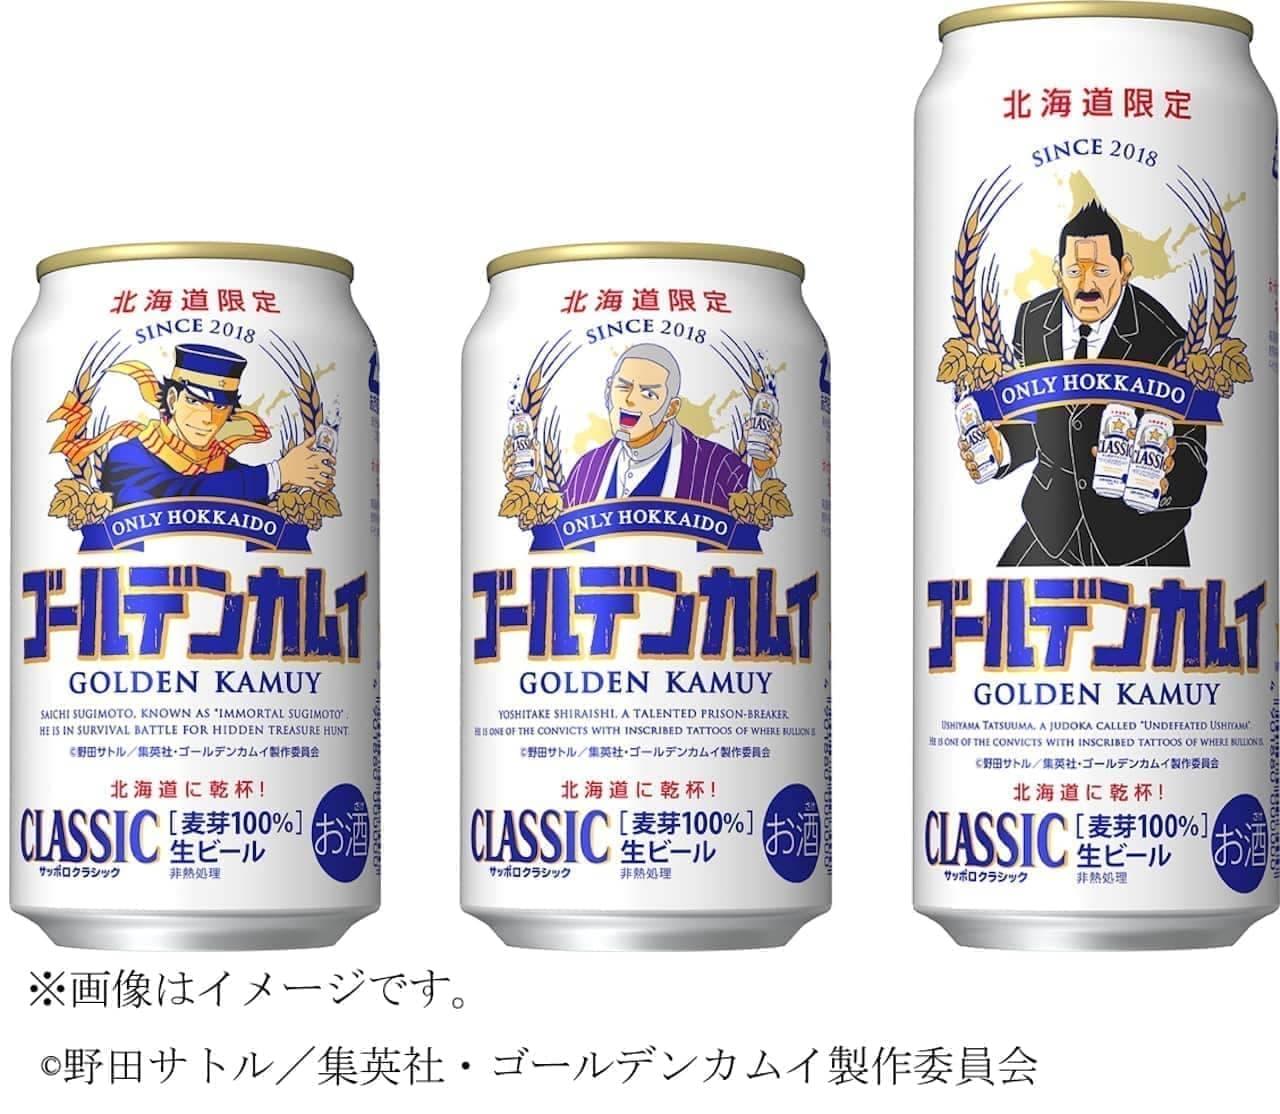 「サッポロ クラシック ゴールデンカムイデザイン缶」3種